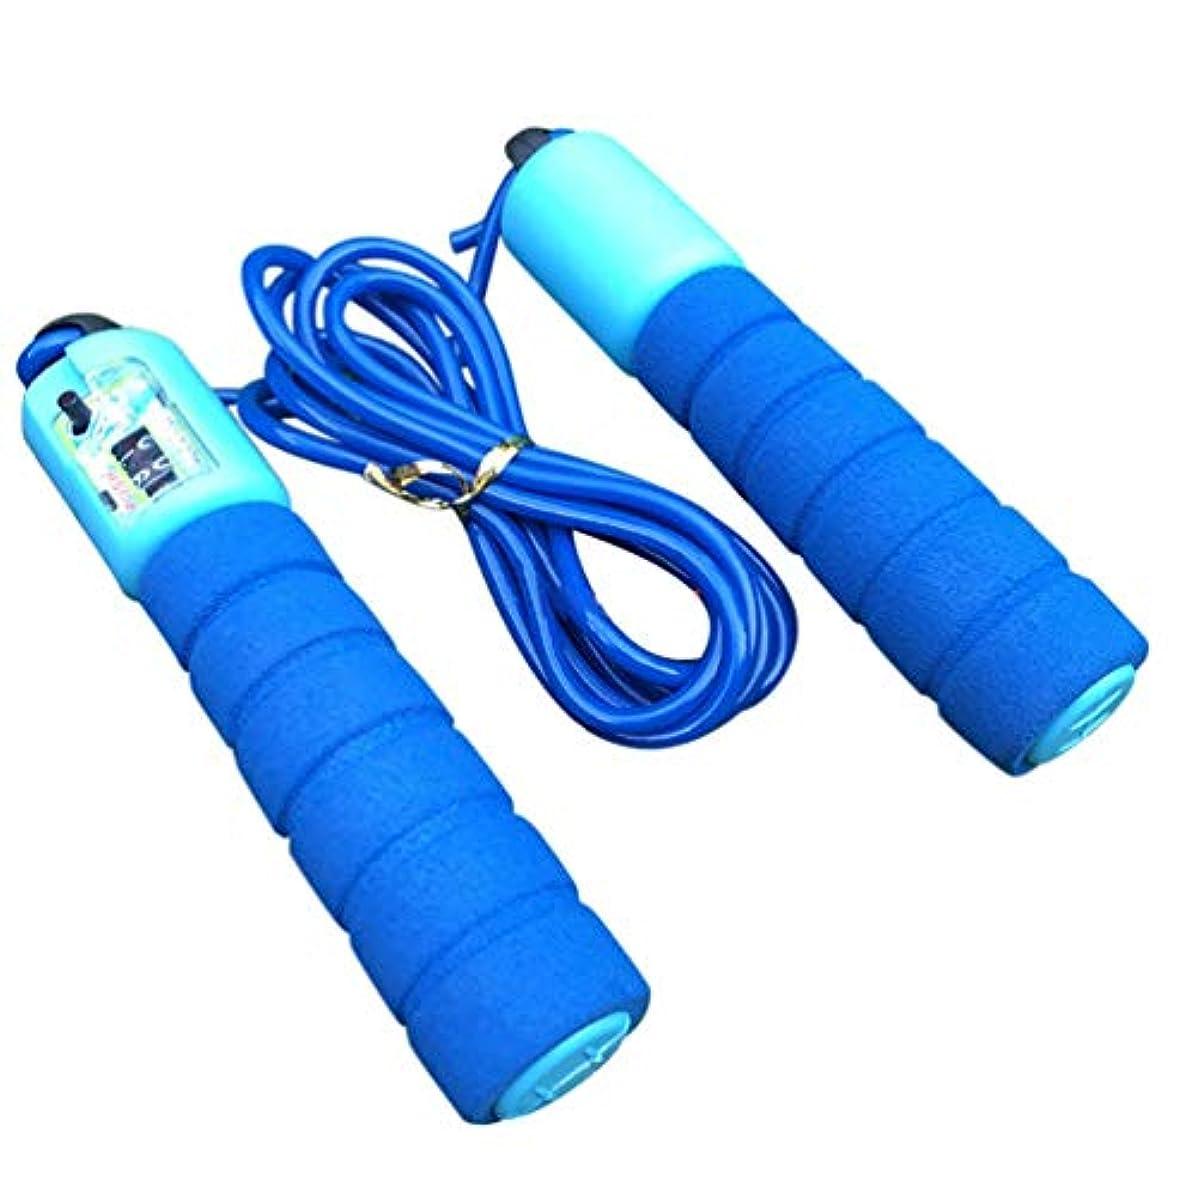 拍車巻き取り溶岩調整可能なプロフェッショナルカウント縄跳び自動カウントジャンプロープフィットネス運動高速カウントジャンプロープ - 青